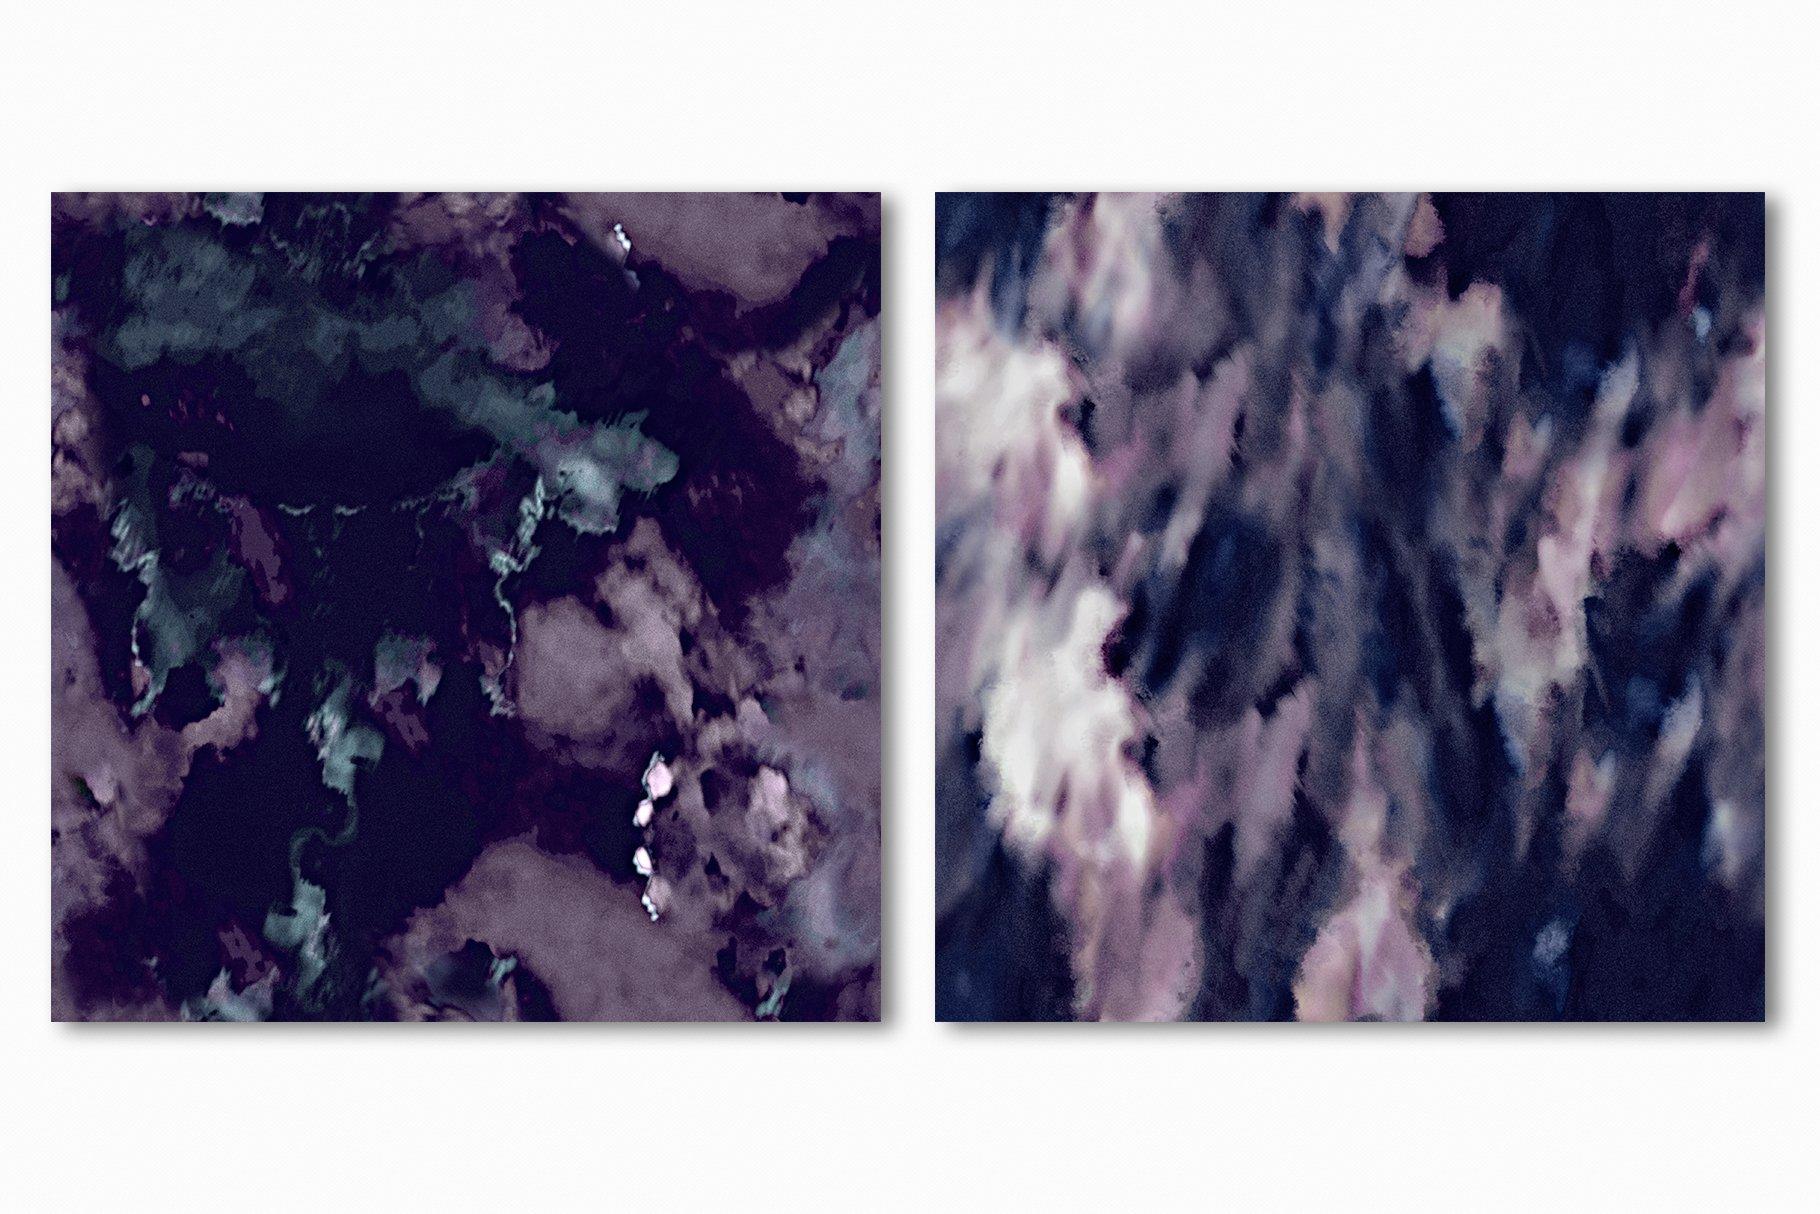 抽象紫色海军蓝绿色调丙烯酸油漆笔刷背景纹理图片素材 Brushstroke Textures Collection插图(19)